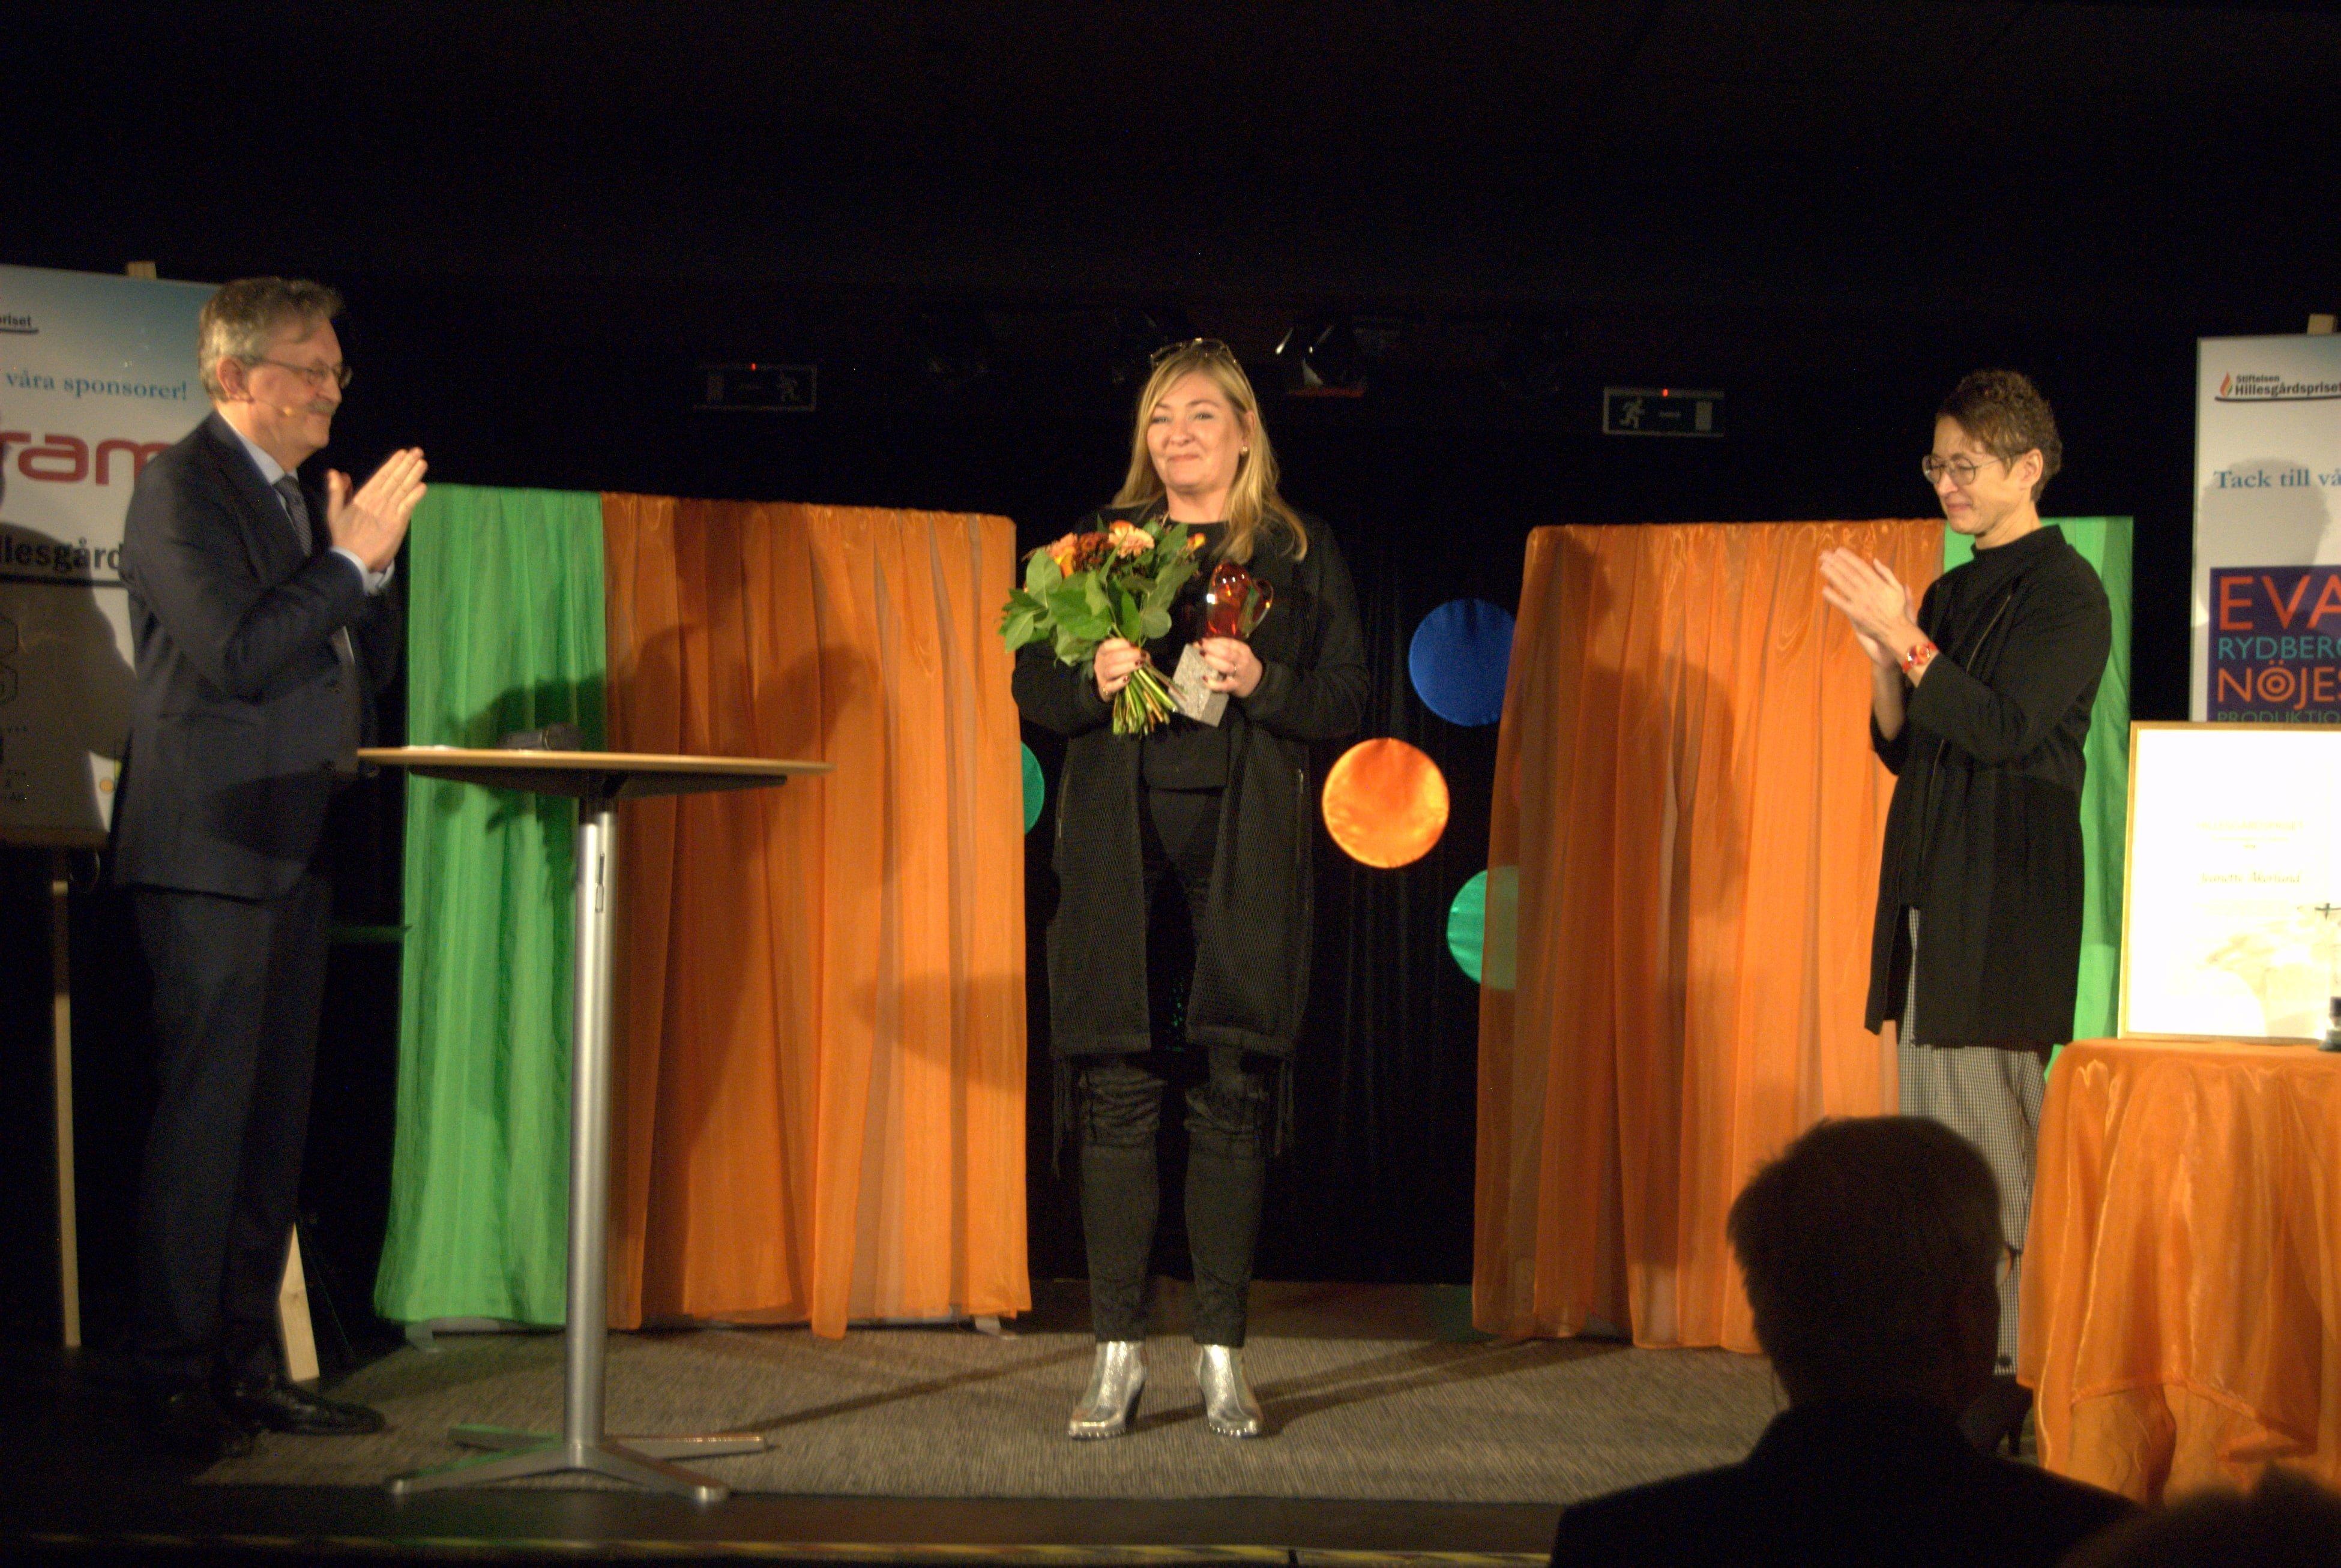 Jeanette Åkerlund tar emot Hillesgårdspriset för medmänsklighet och förlåtelse av Kerstin Persson, kommunstyrelsens ordförande i Klippan. under överinseende av juryns ordförande Karl-Erik Edris.